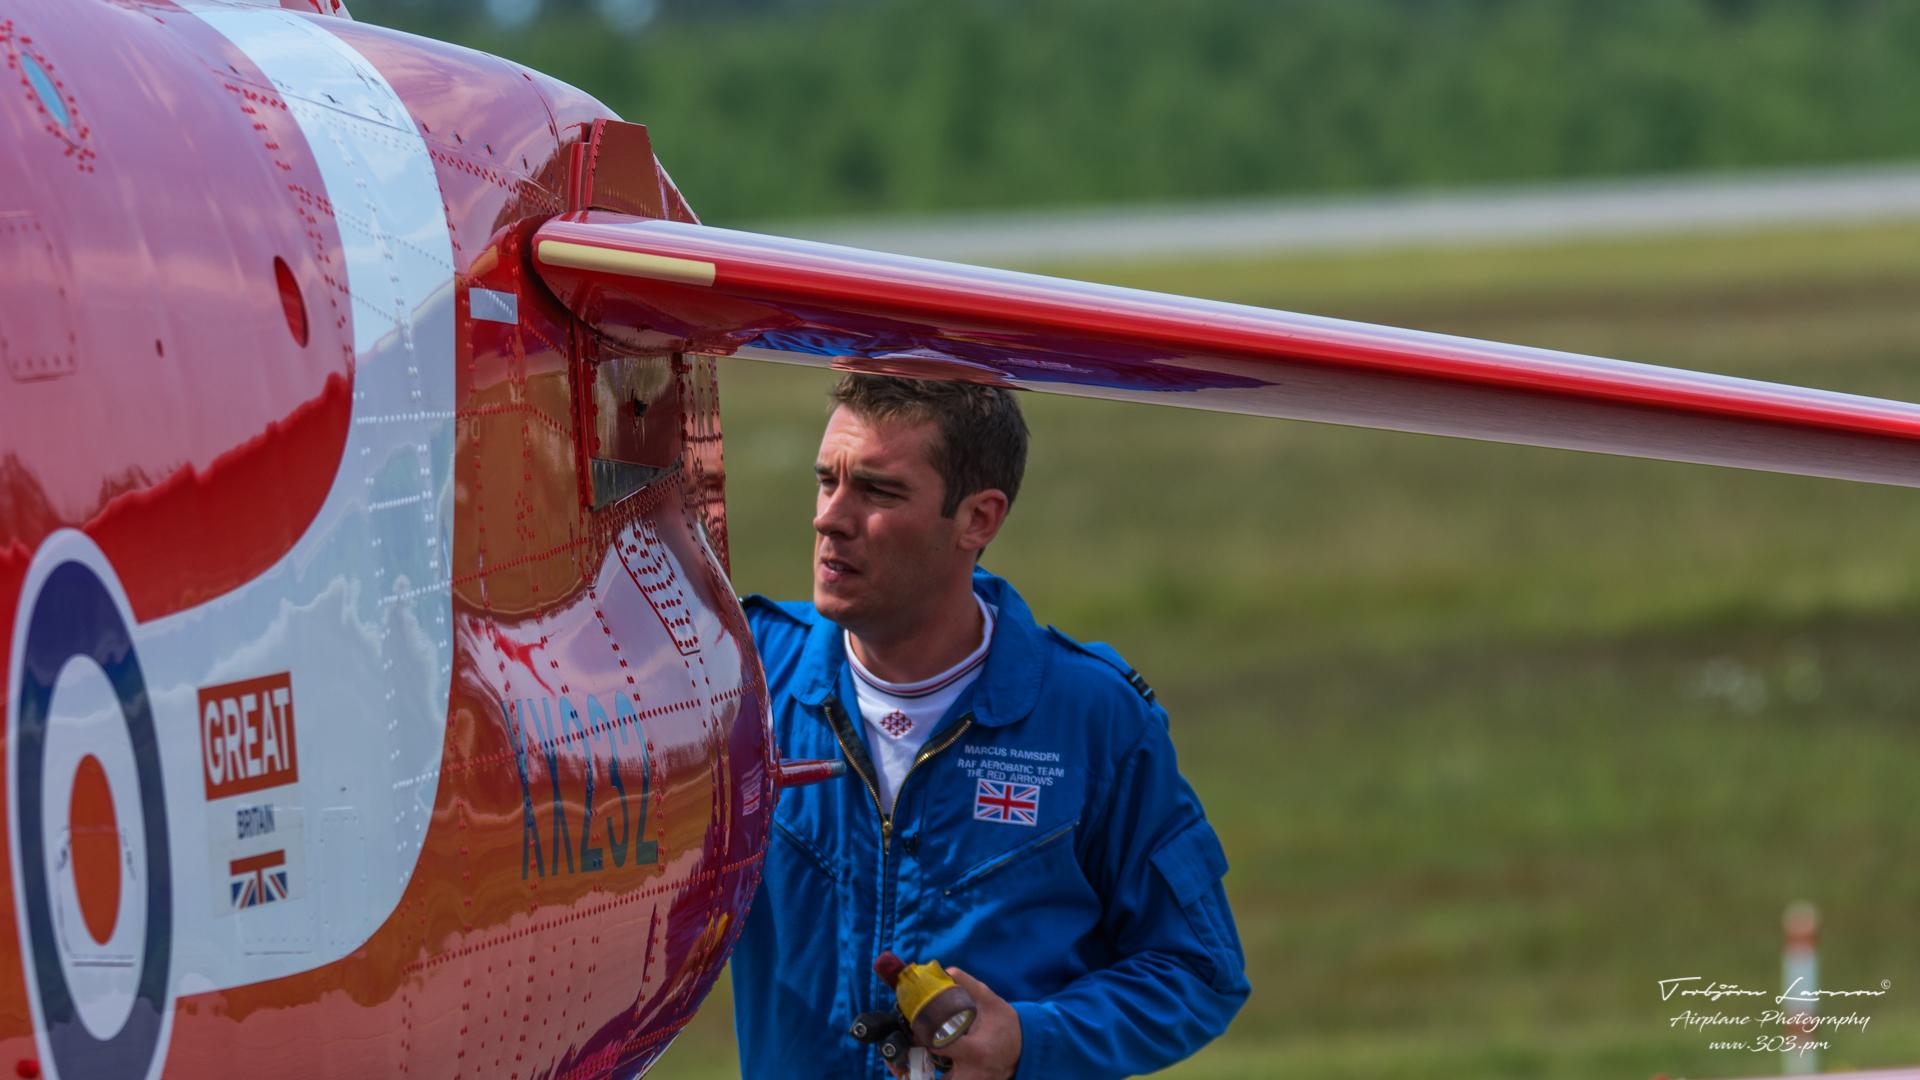 Hawk T1A - Red Arrows